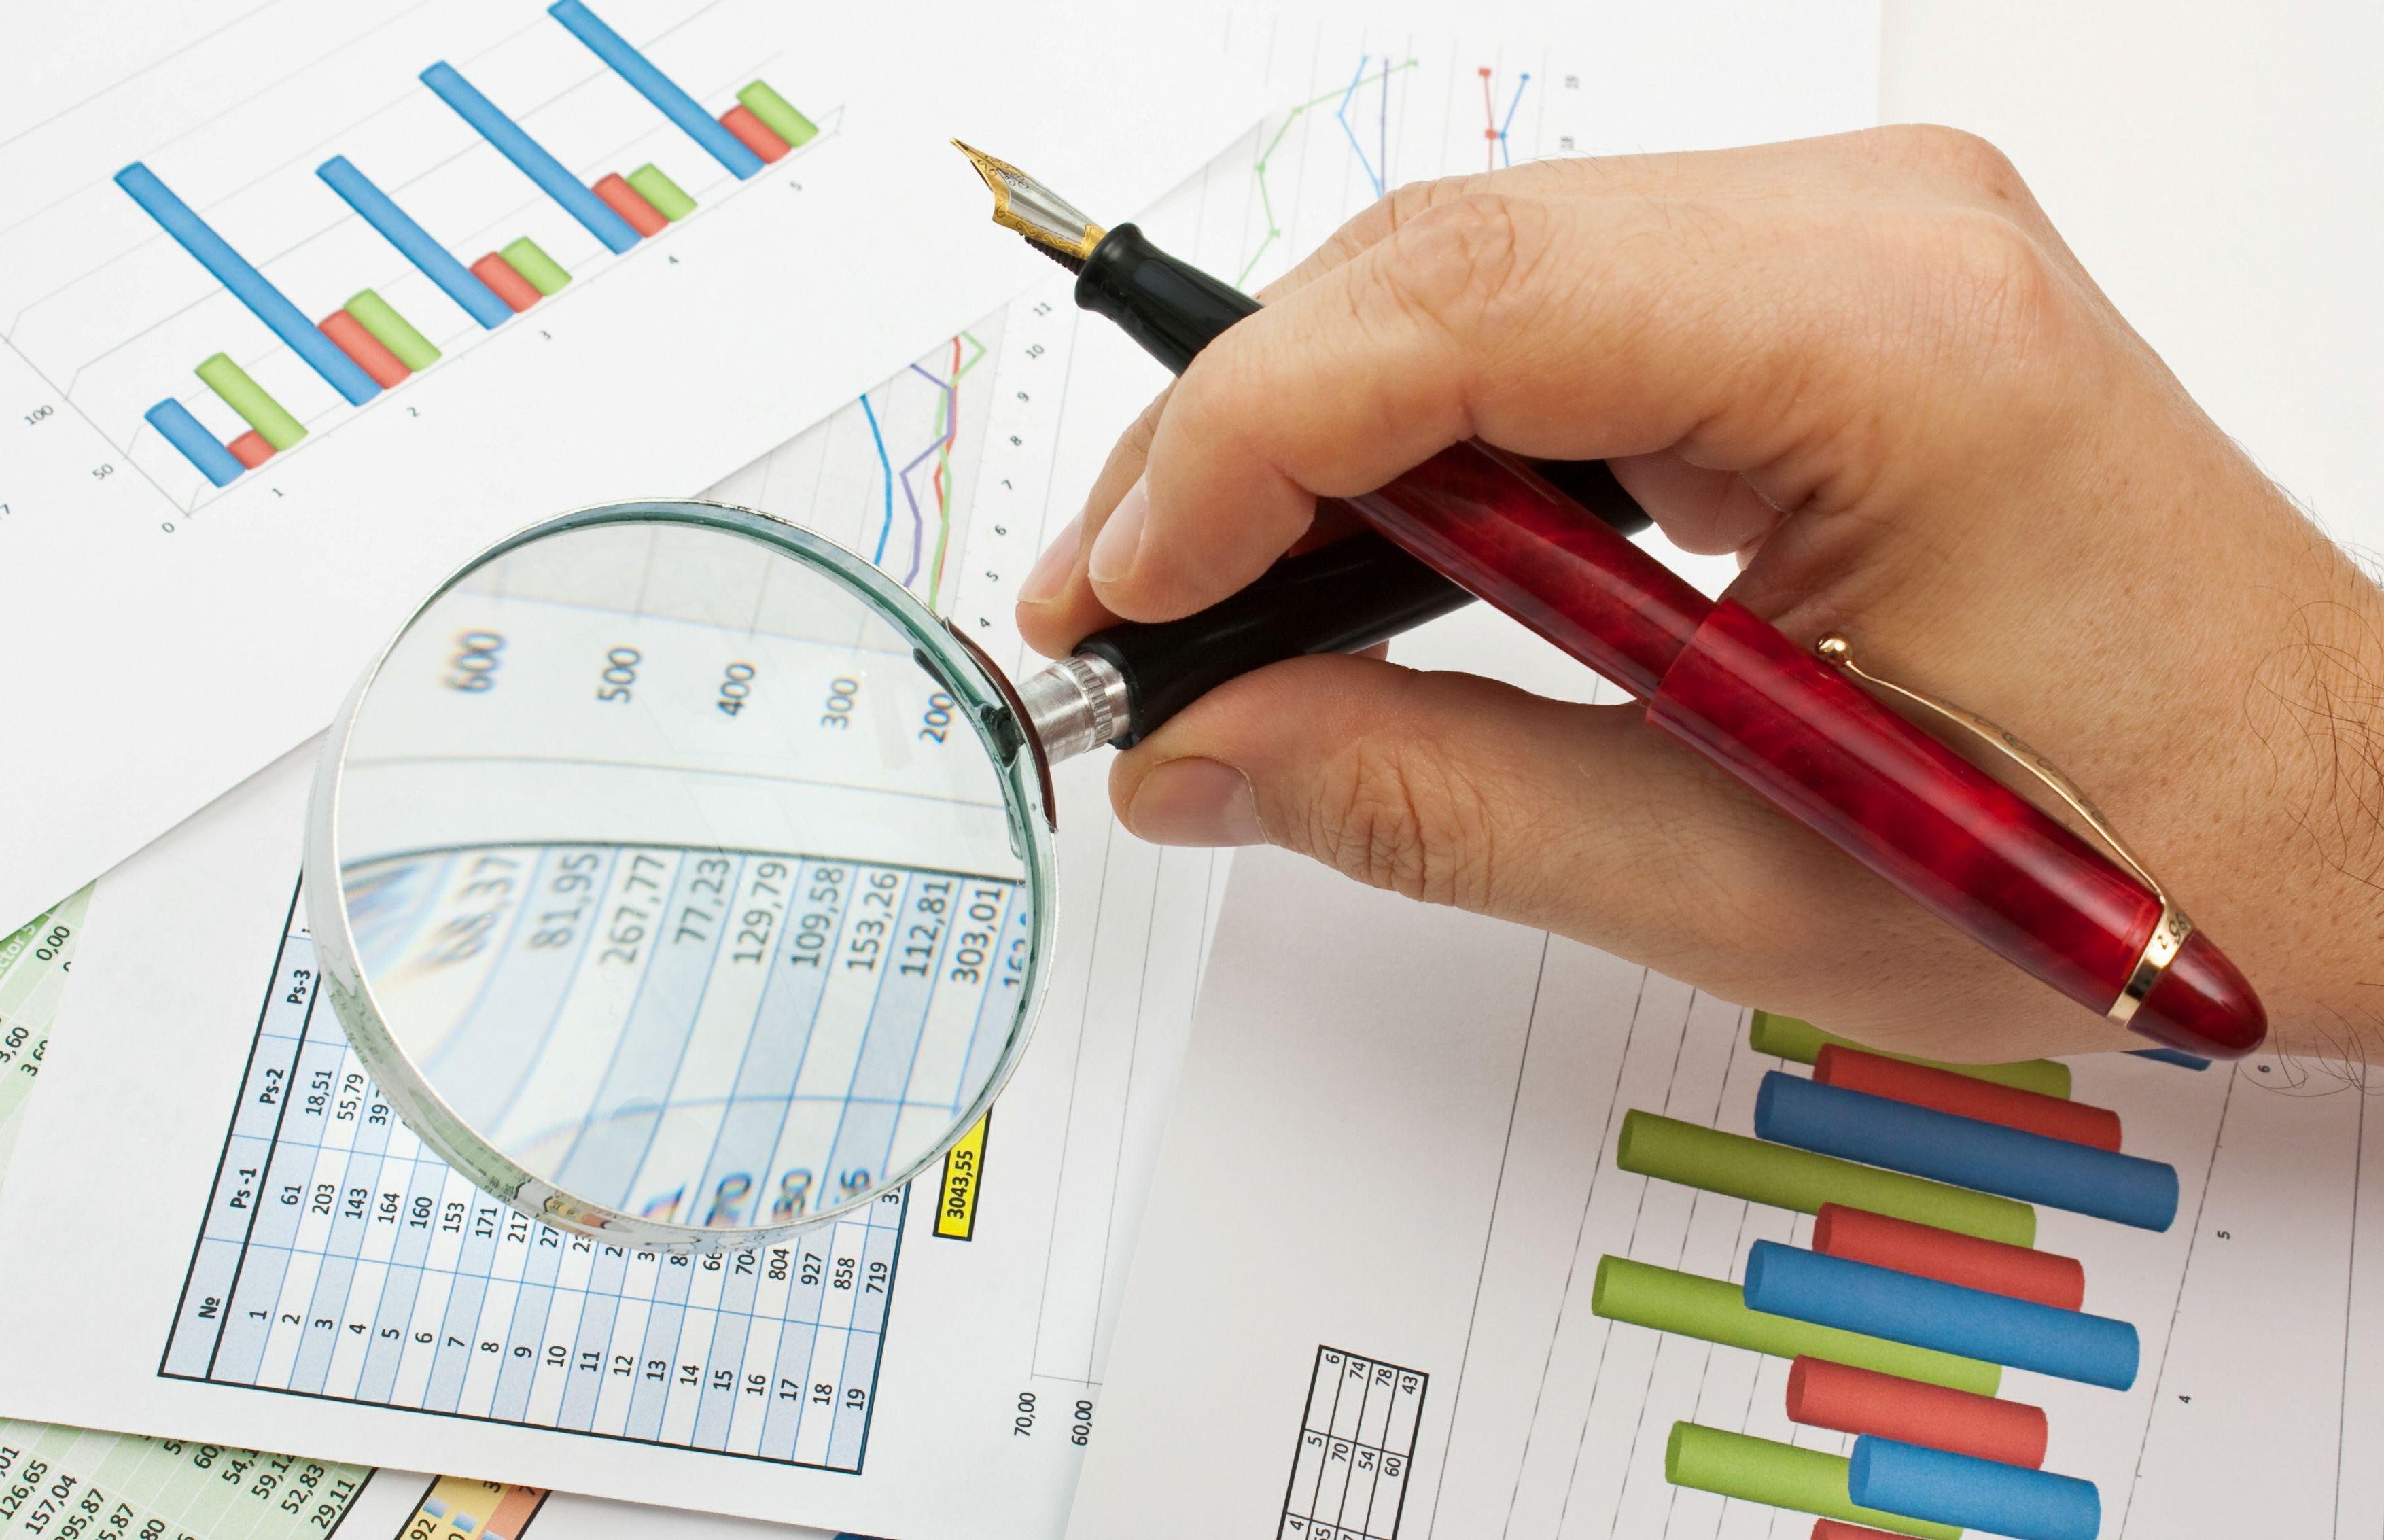 格隆汇港股聚焦(7.16)︱中国平安上半年原保费收入4462.4亿元  同比增长9.4%